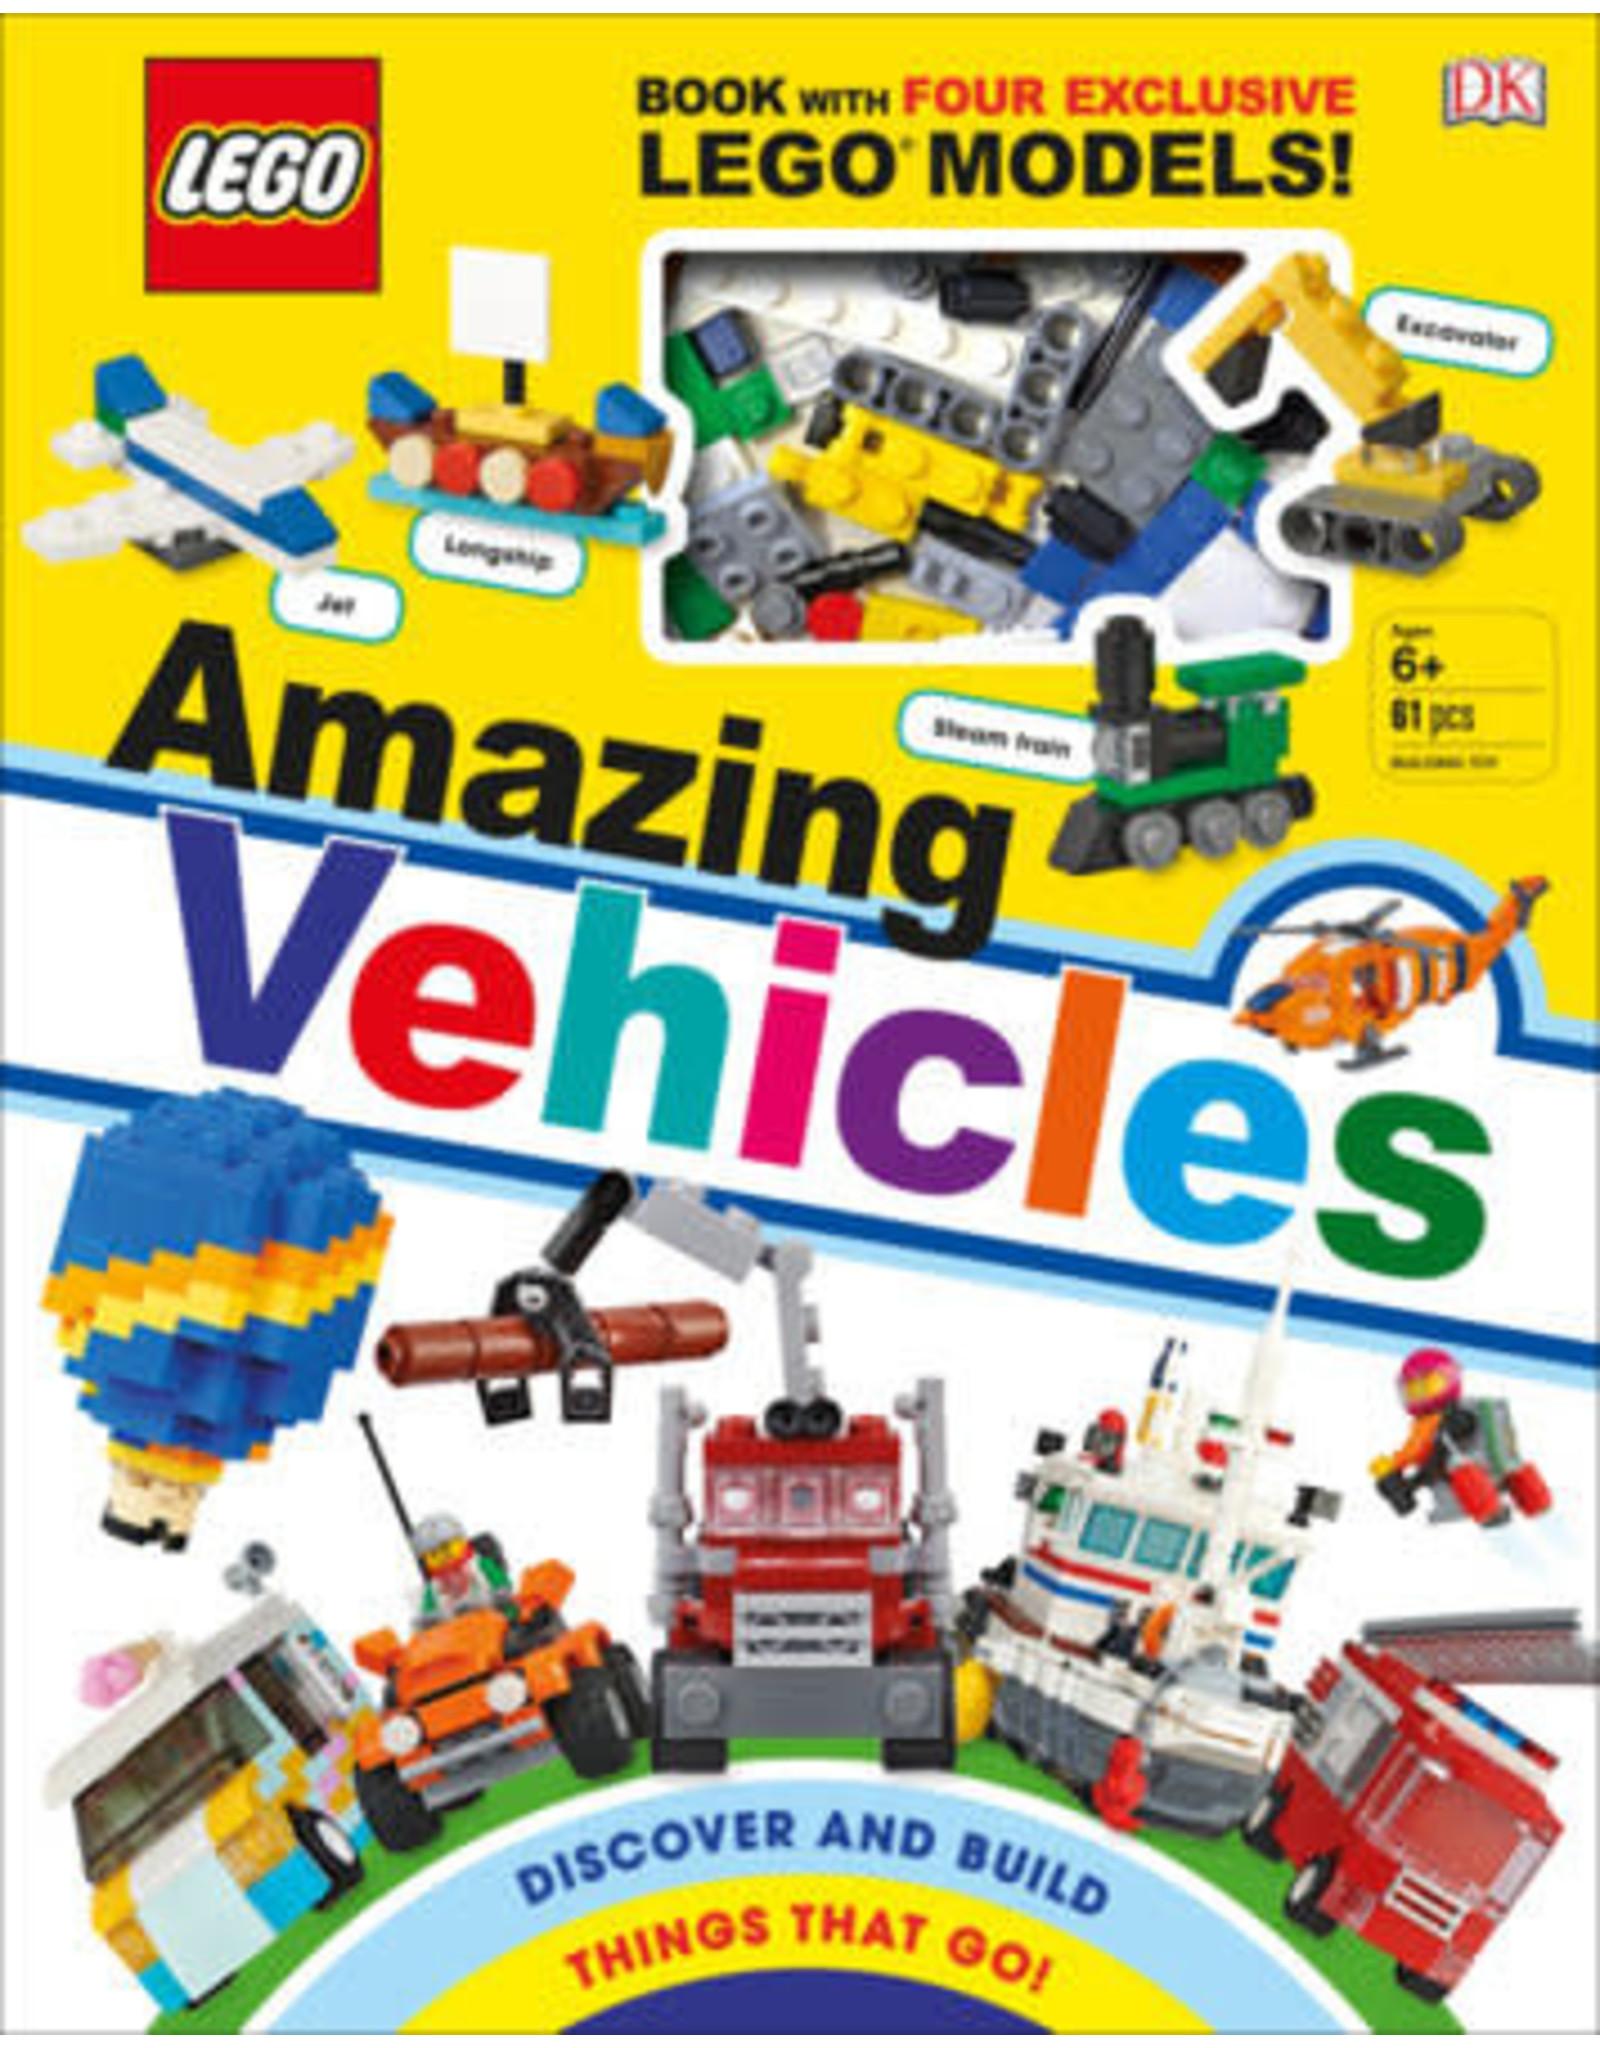 DK LEGO Amazing Vehicles